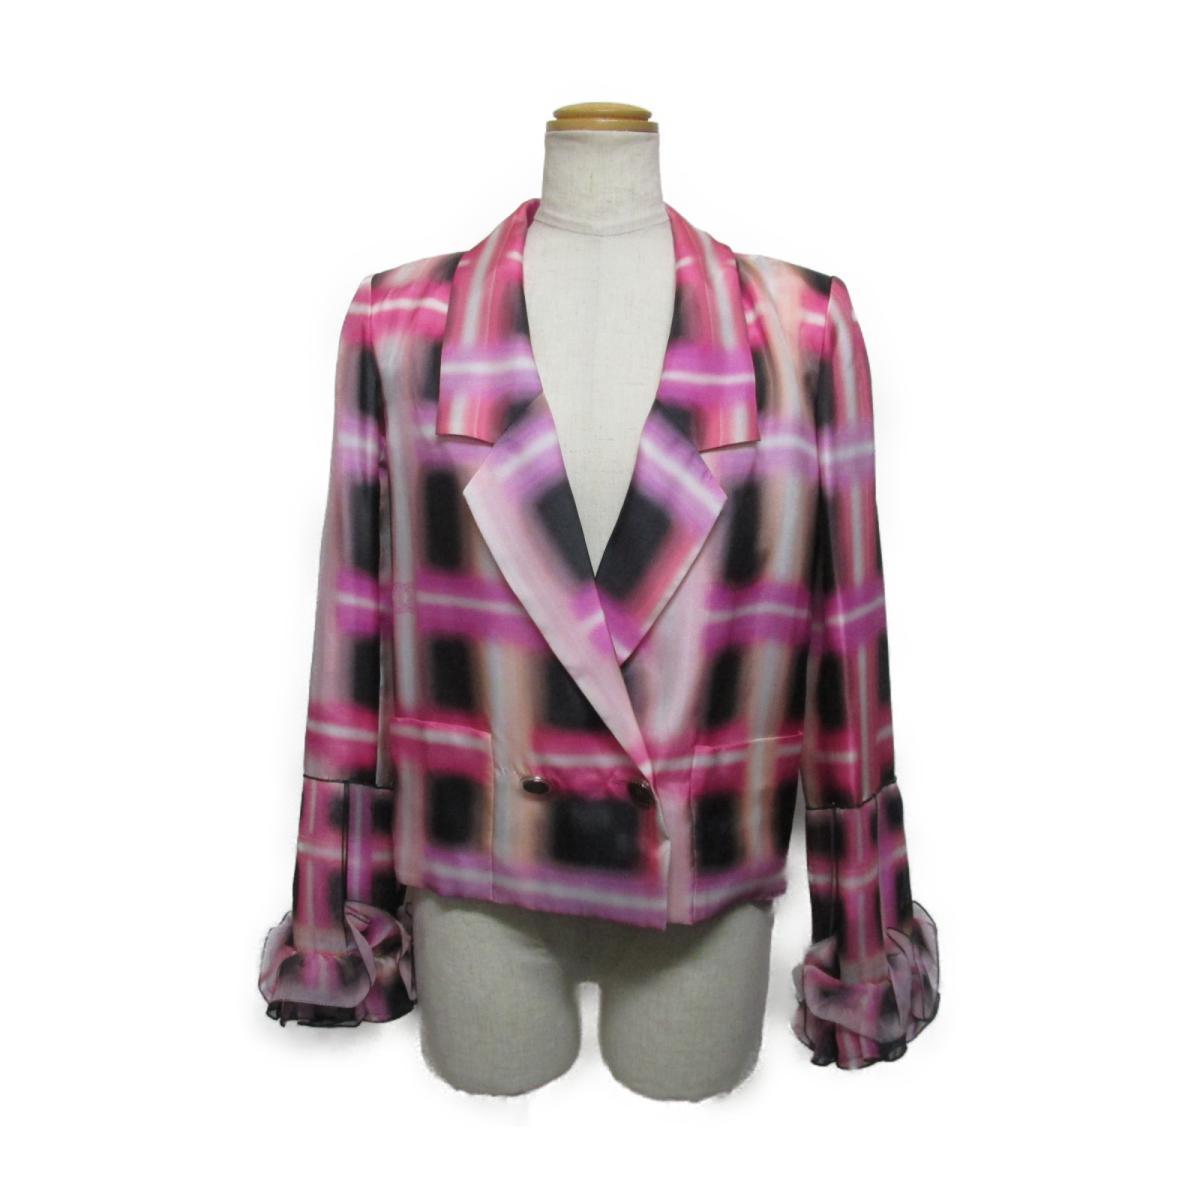 【中古】 シャネル シルク ジャケット レディース シルク100% ピンク x ホワイト ブラック (P56529V42503) | CHANEL BRANDOFF ブランドオフ 衣料品 衣類 ブランド アウター コート